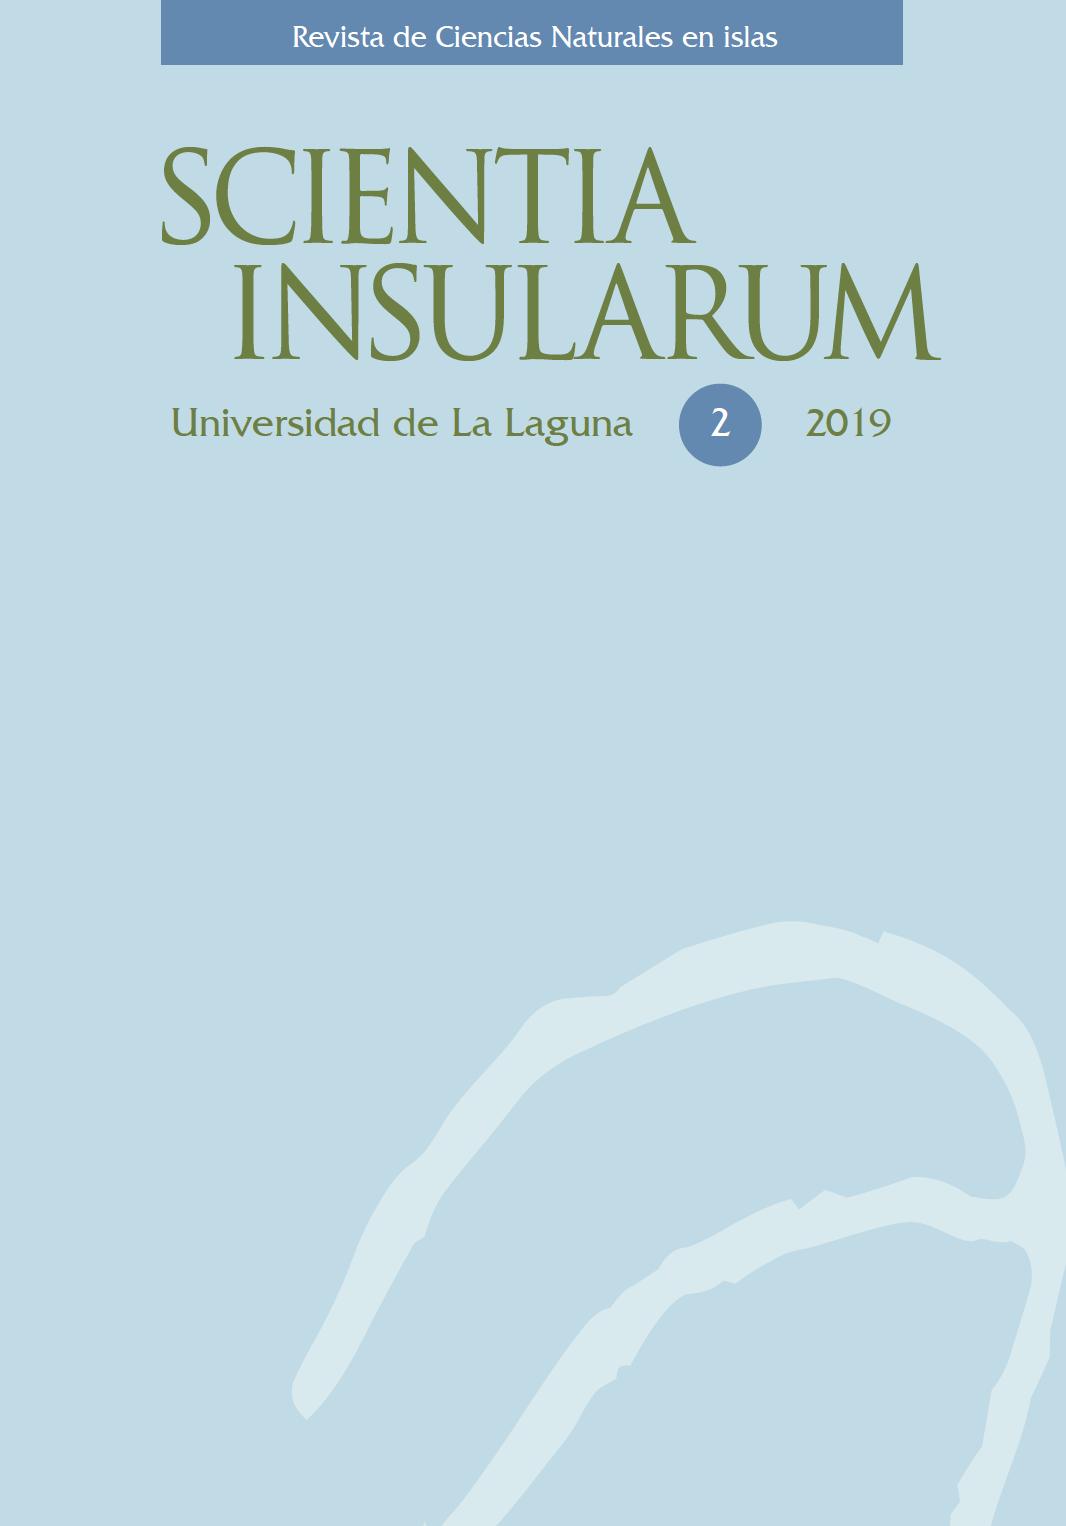 Portada Scientia Insularum